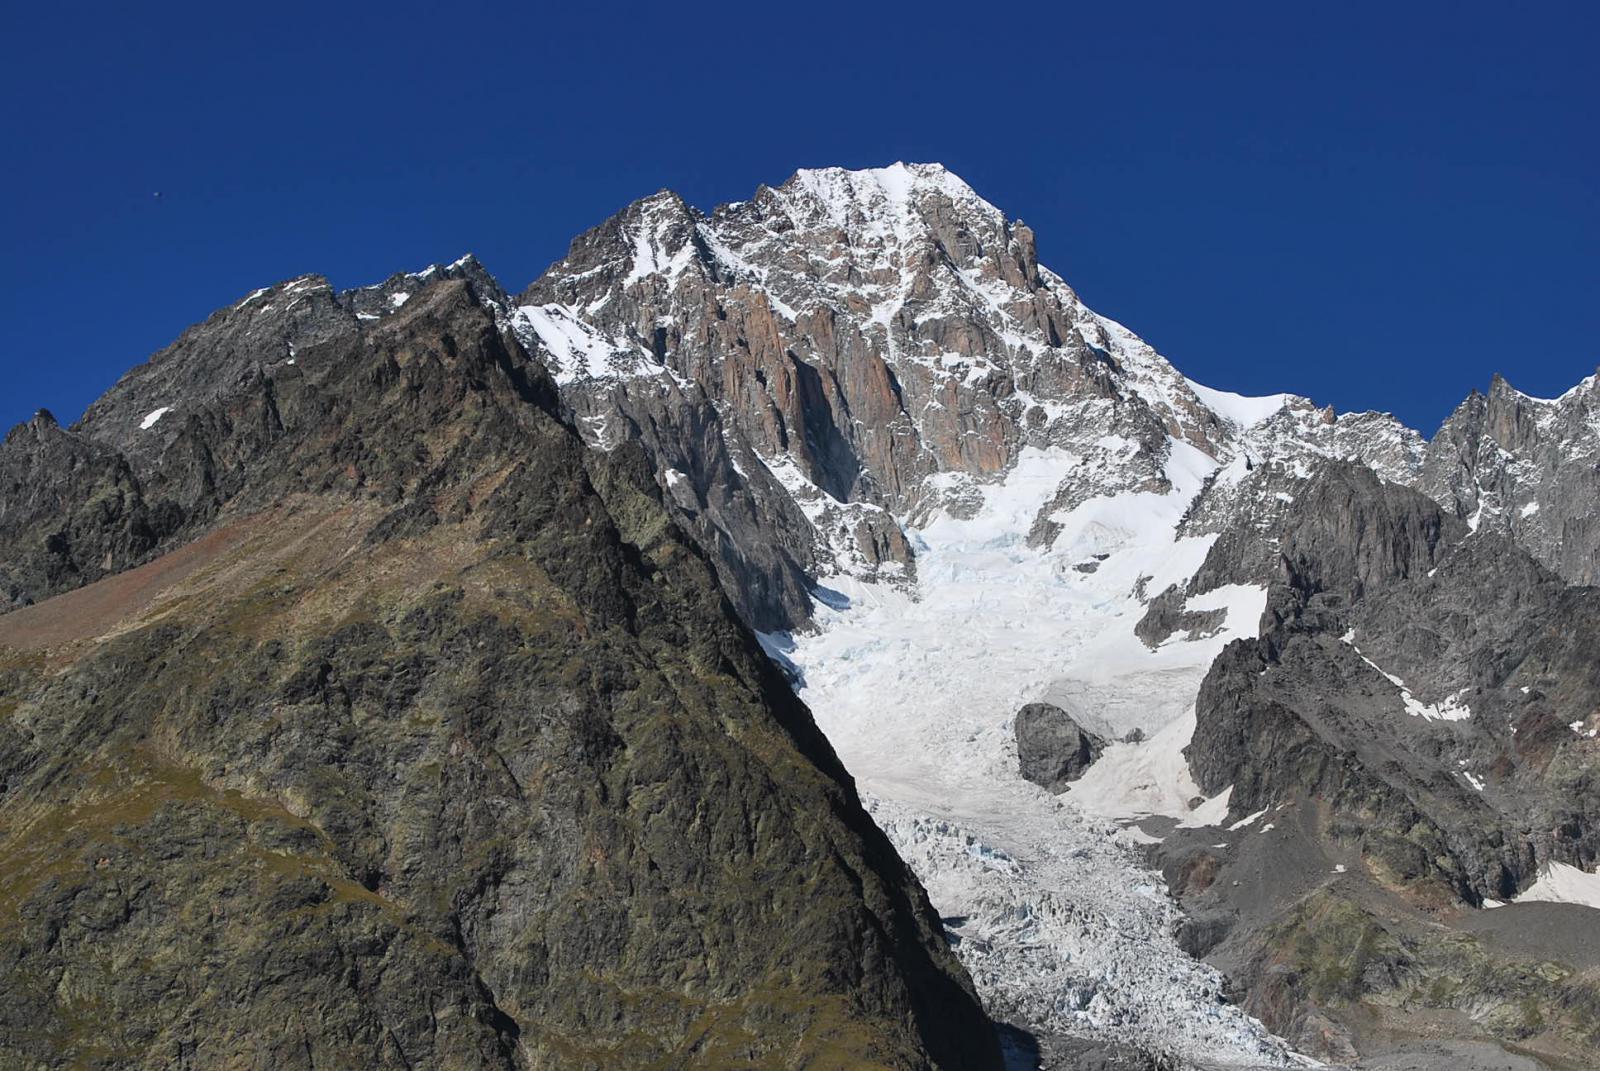 Monte Bianco e Pilastri del Broillard visti dall'Arp Vieille desot